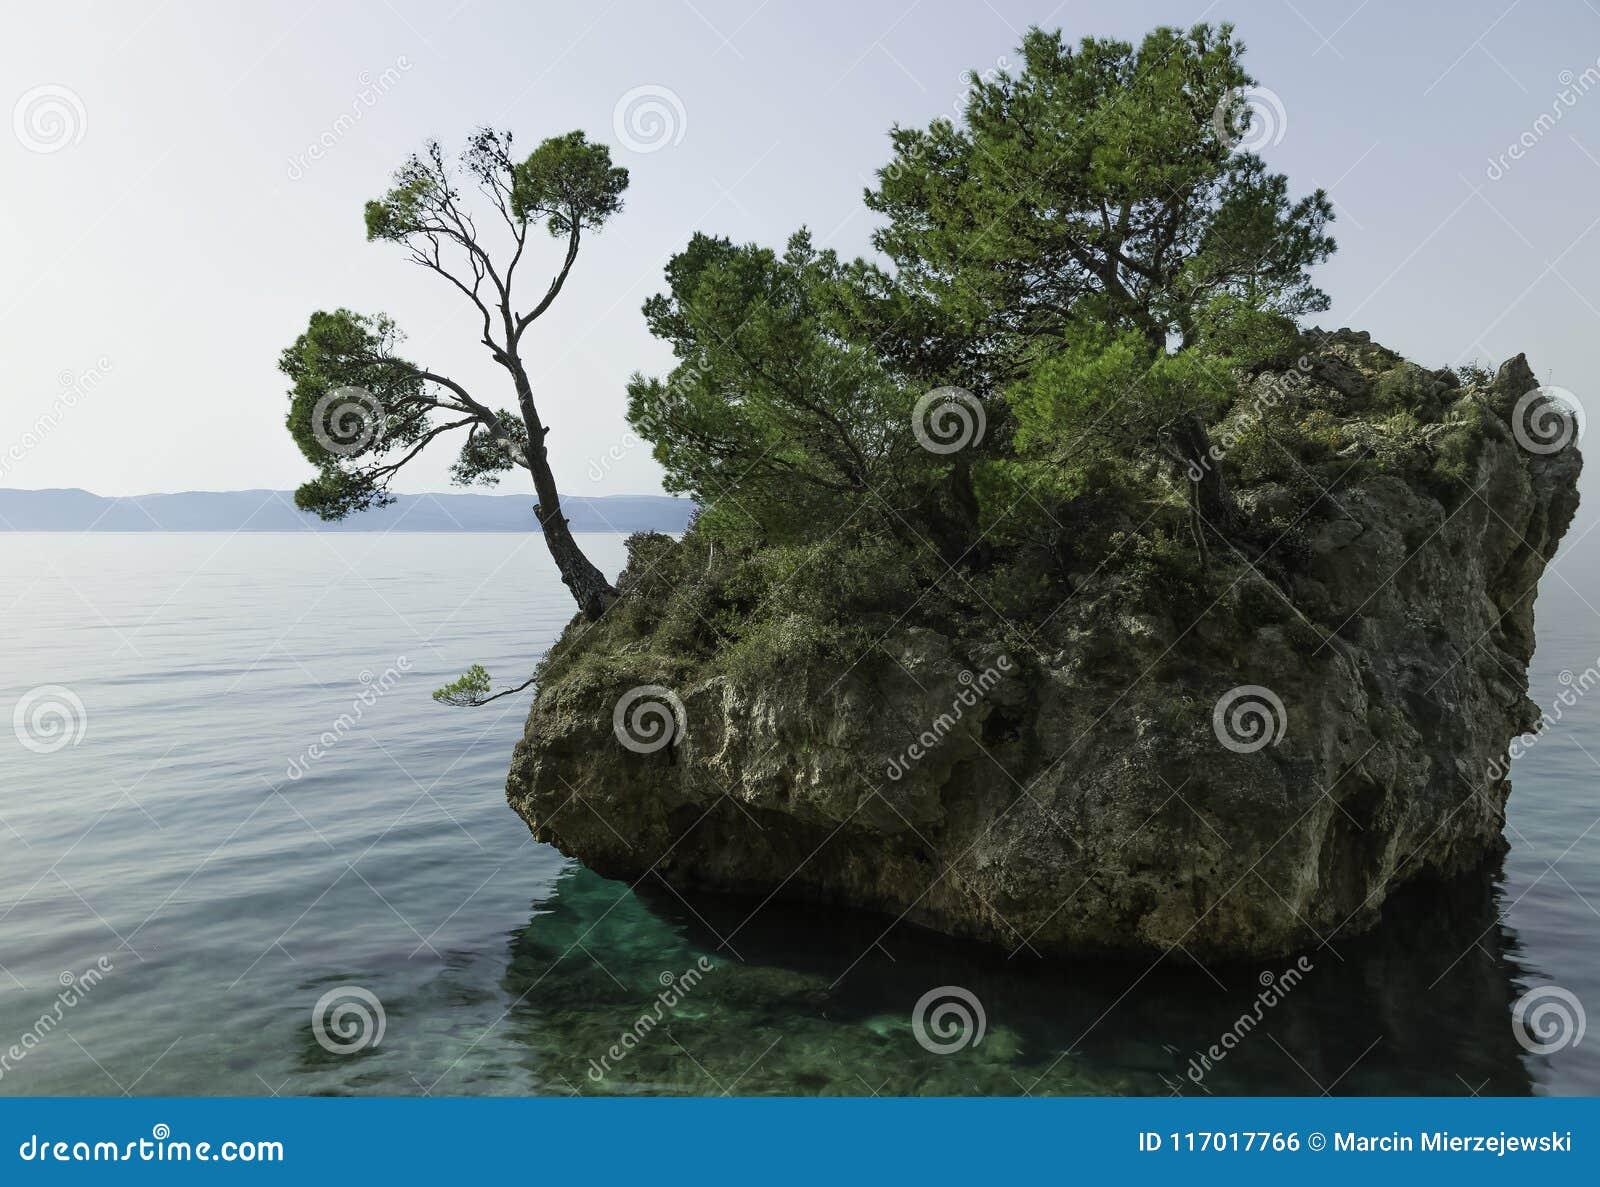 卡梅尼火山Brela -小著名海岛在Brela,马卡尔斯卡里维埃拉,达尔马提亚,克罗地亚